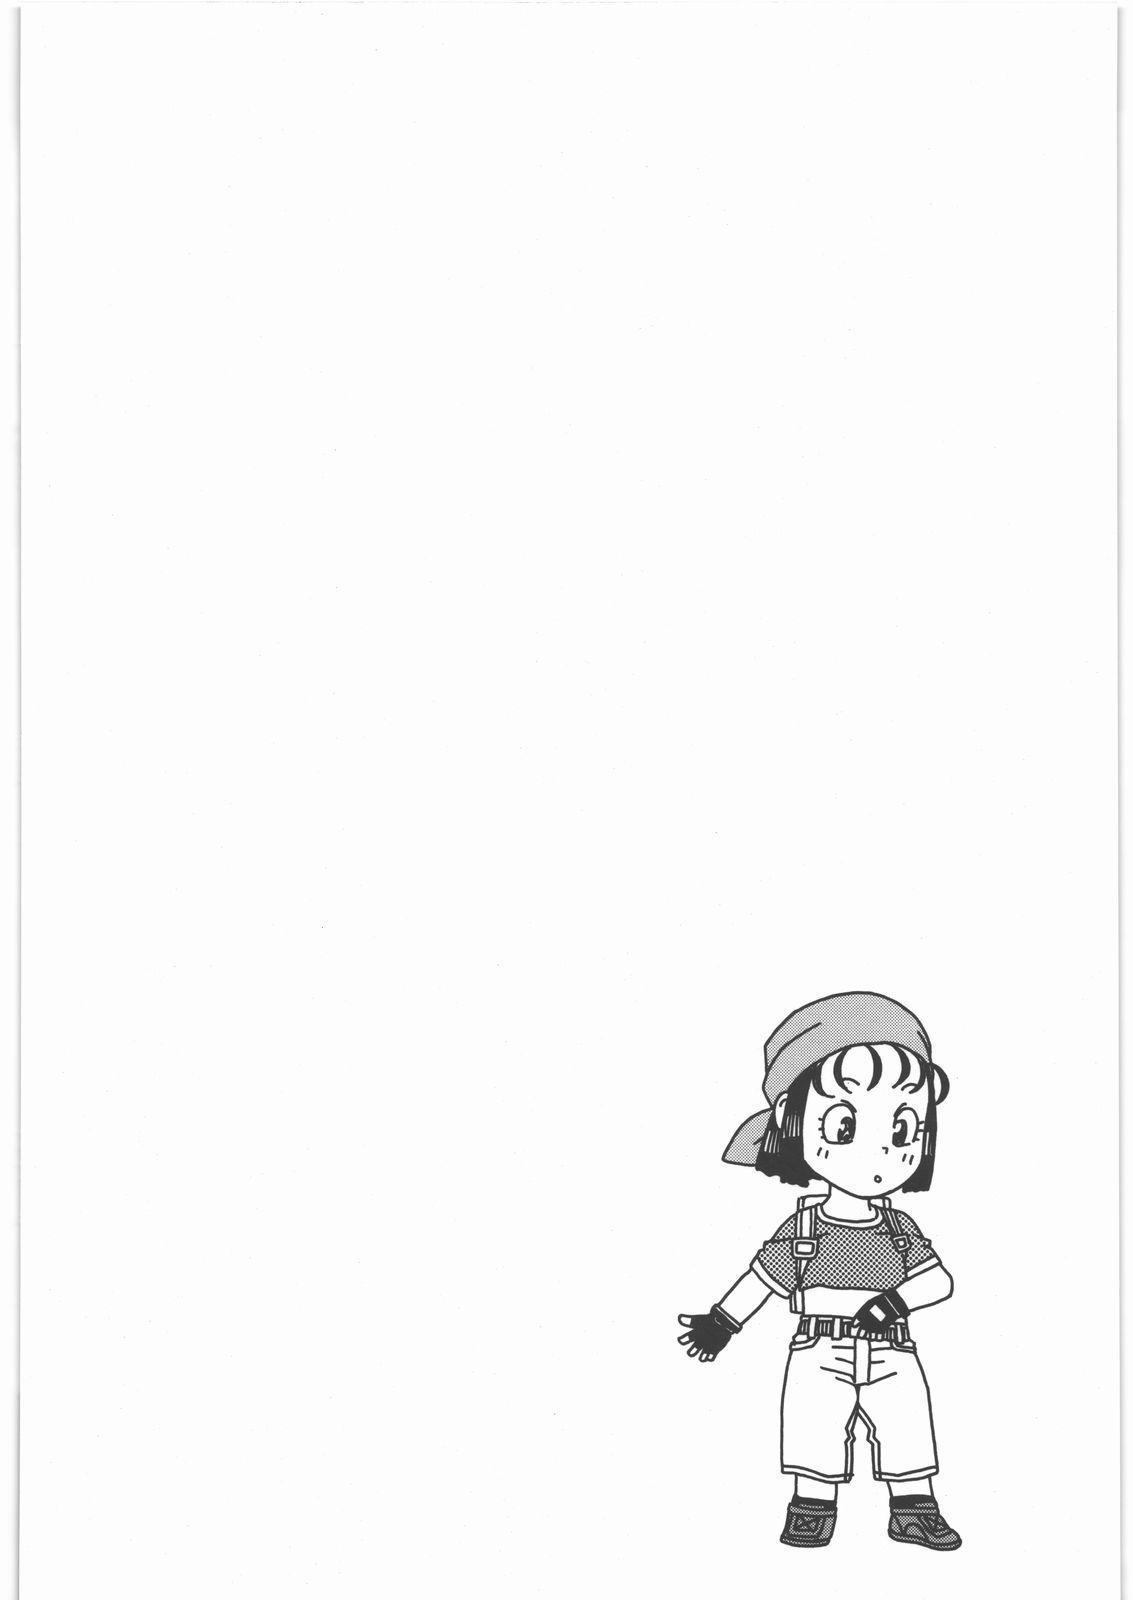 Yadoya no Rikka 2